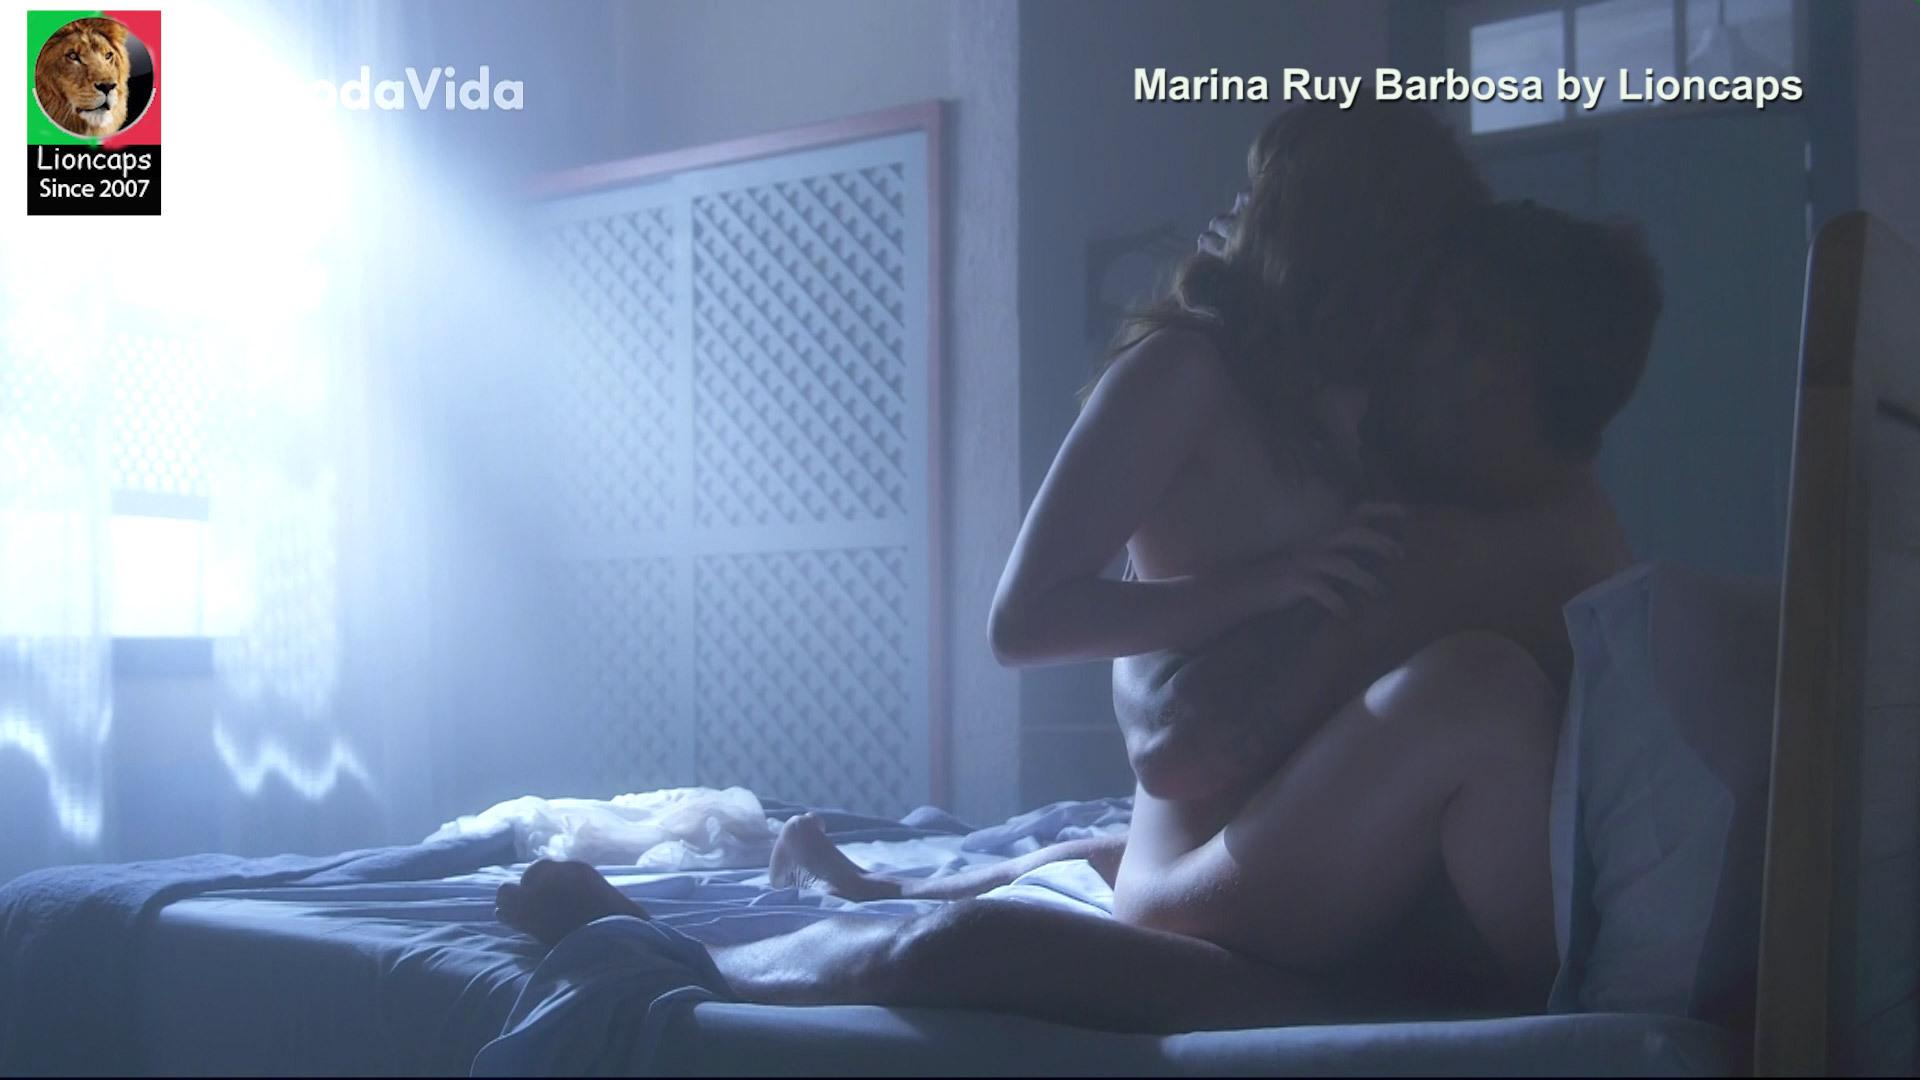 marina_ruy_barbosa (5).jpg